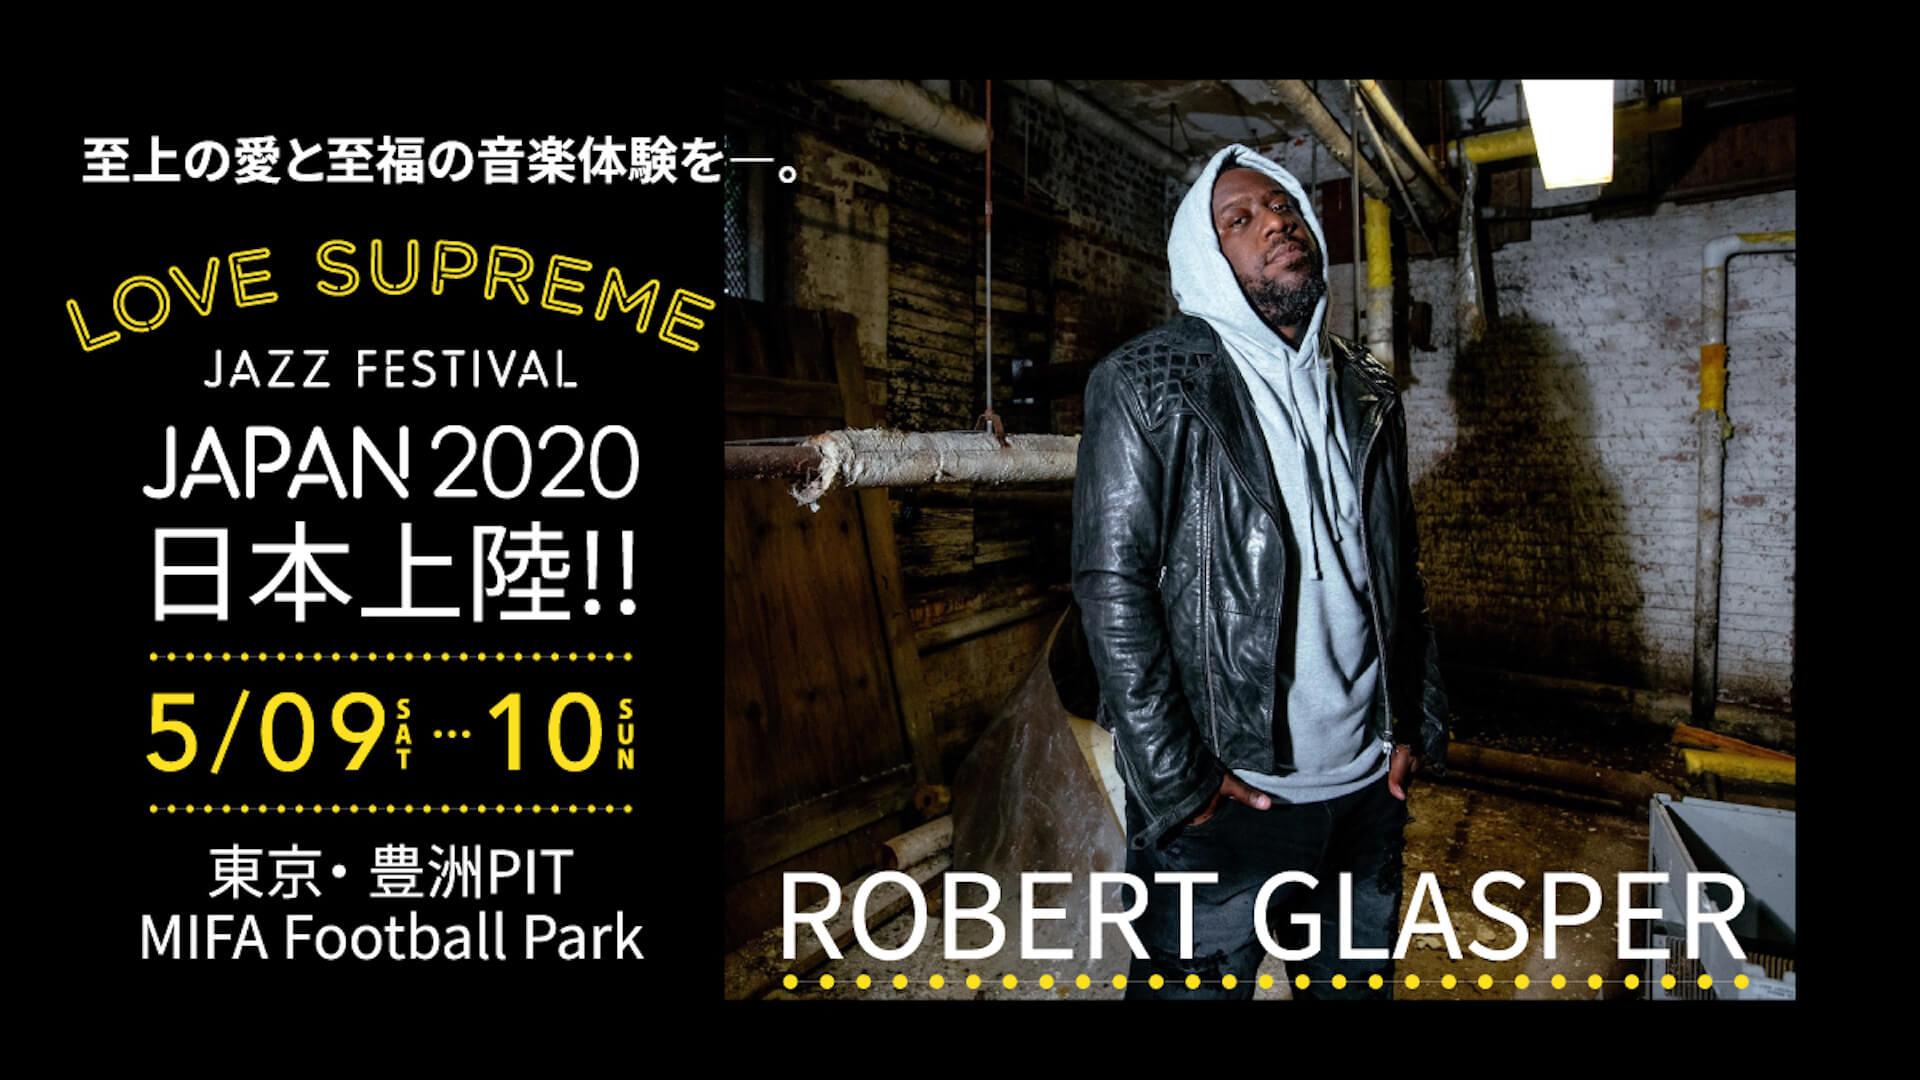 ロバート・グラスパー、<LOVE SUPREME JAZZ FESTIVAL>に降臨!ヨーロッパ最大のジャズフェスが2020年5月に日本開催決定 music191220_lovesupreme_jazzfes_3